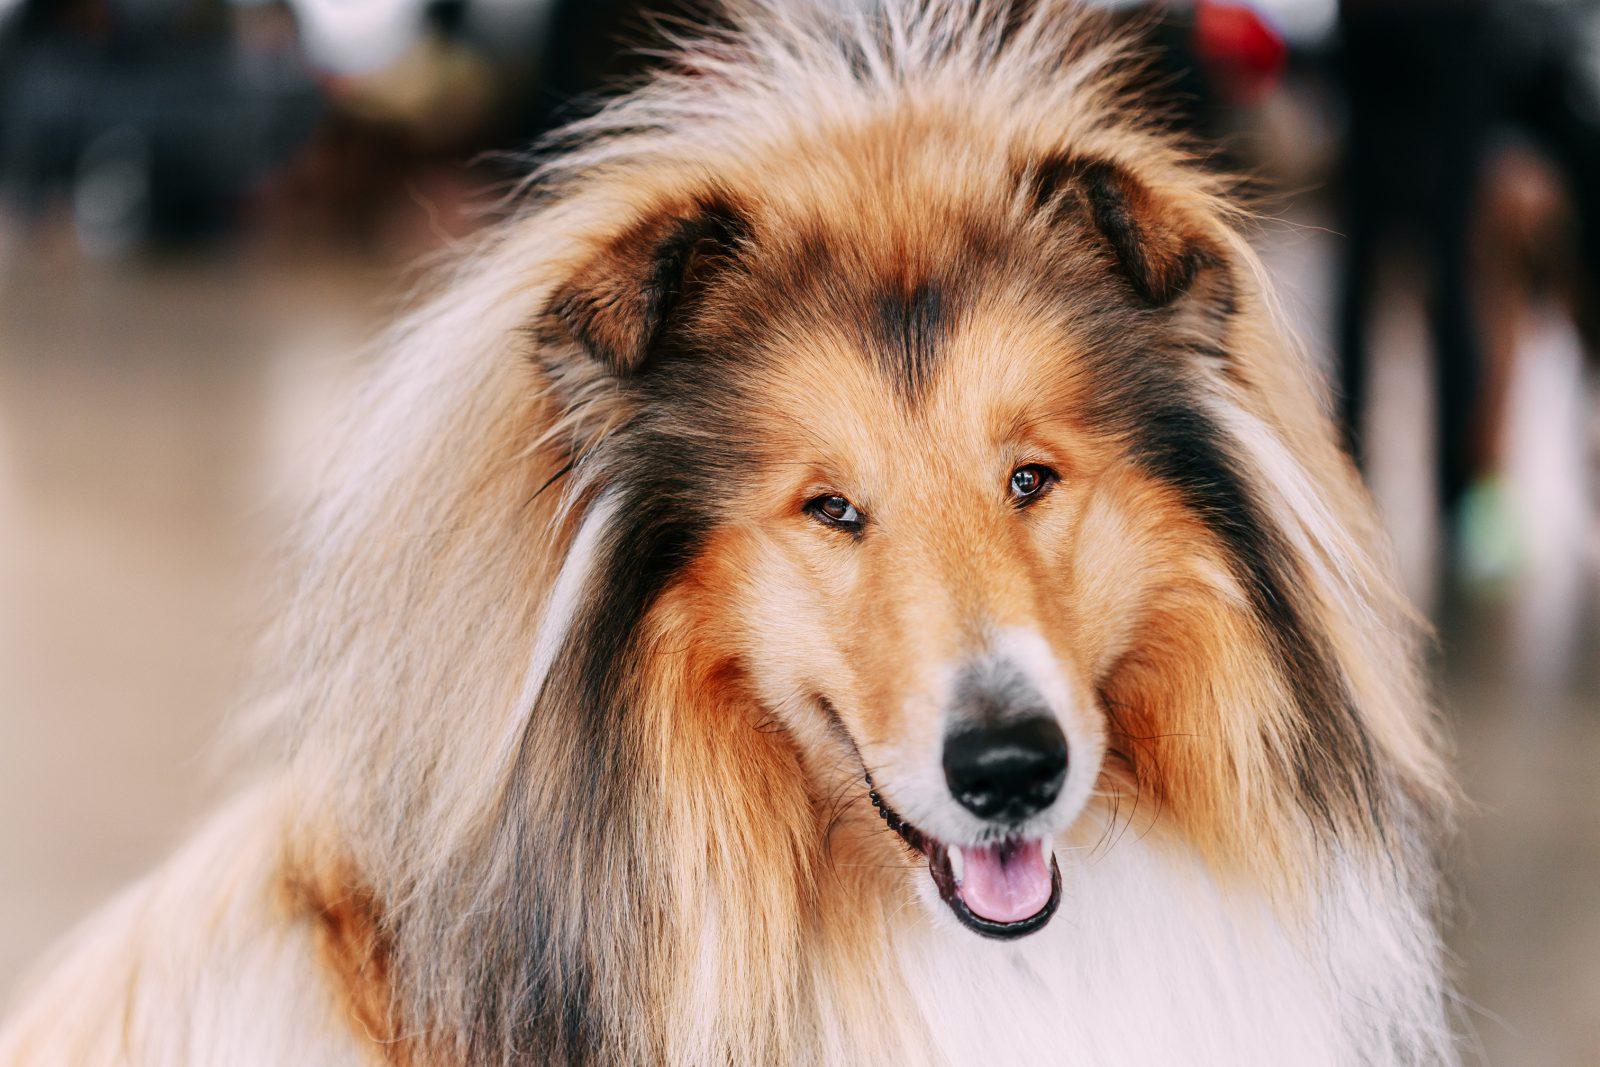 Raça de cachorro mais fiel: Collie com sua disposição alegre, sorriso no rosto e pelagem esvoaçante.